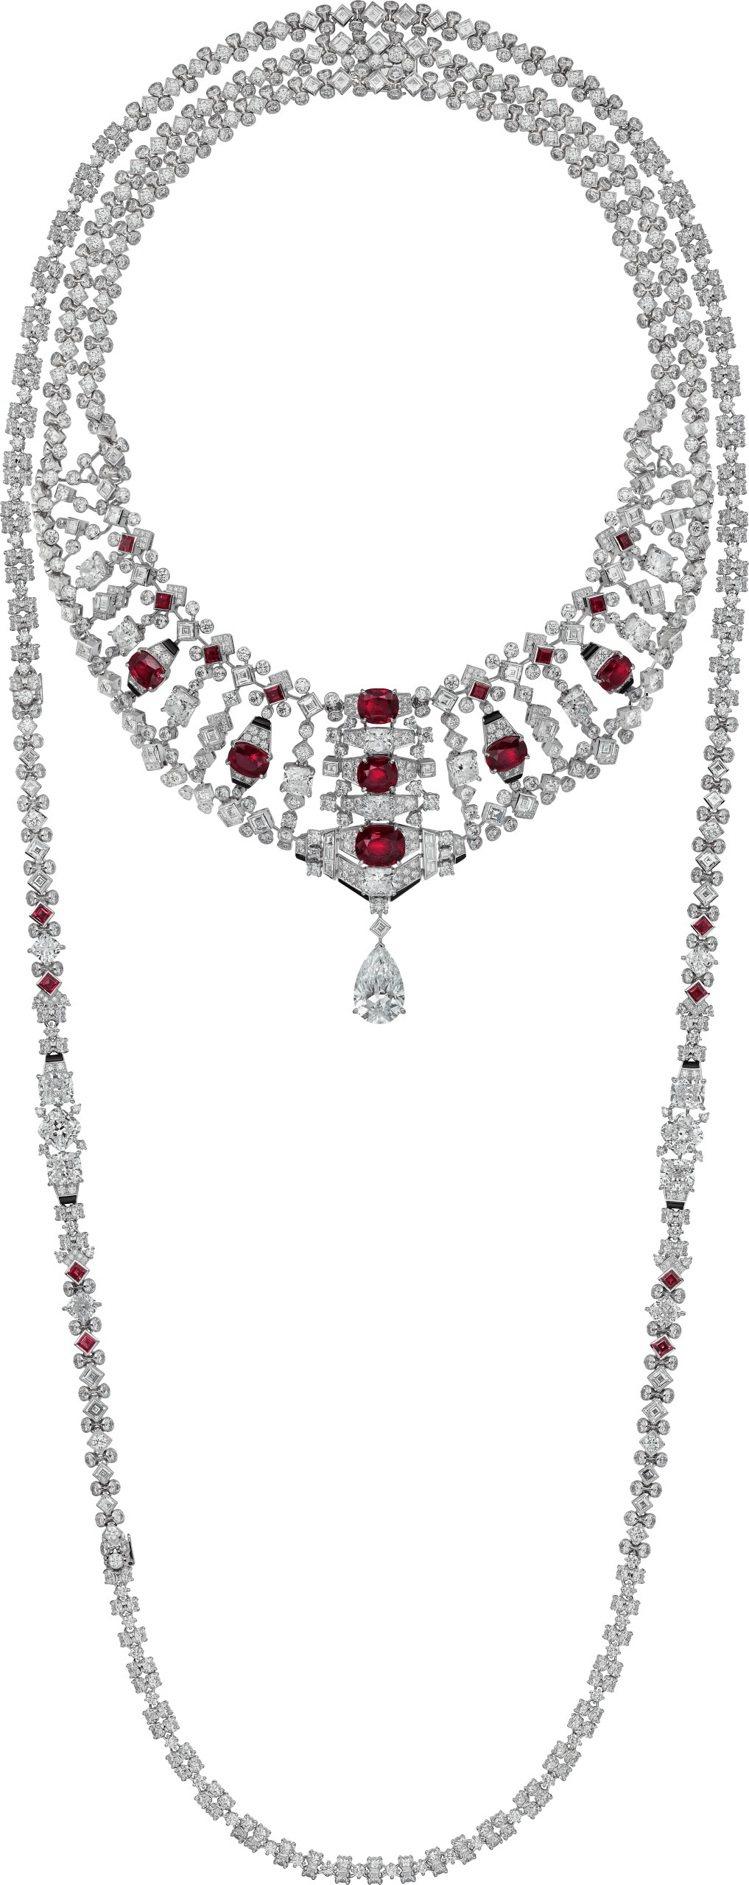 VARANTIA紅寶石鑽石項鍊,白K金鑲嵌七顆共重17.61克拉的天然頂級緬甸枕...